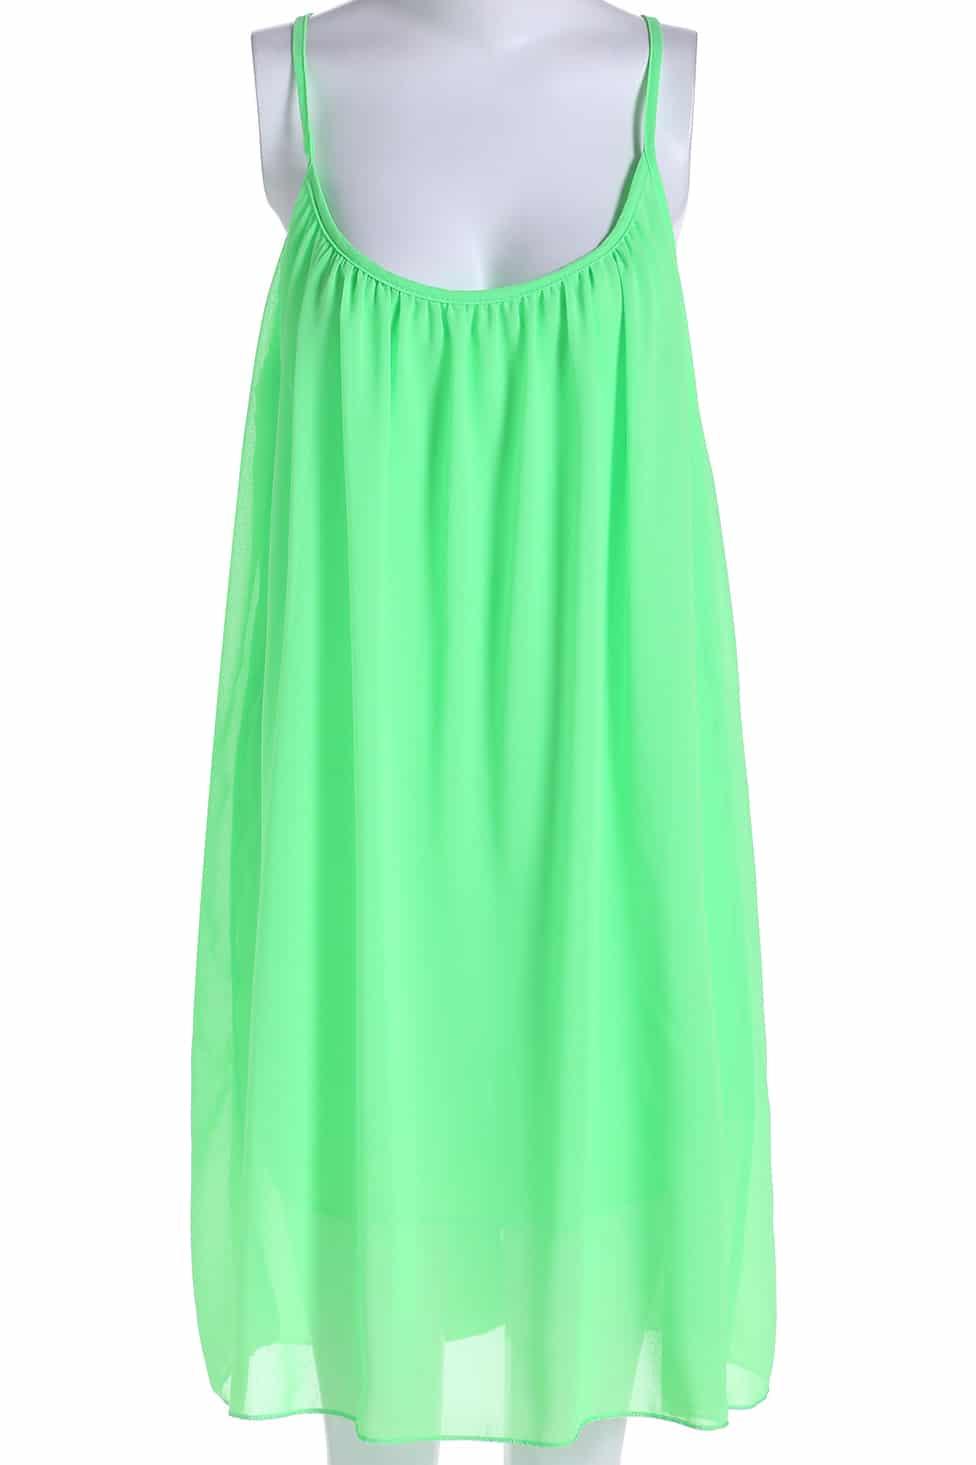 Как сшить платье из шифона своими руками. Инструкция по пошиву платья из 21